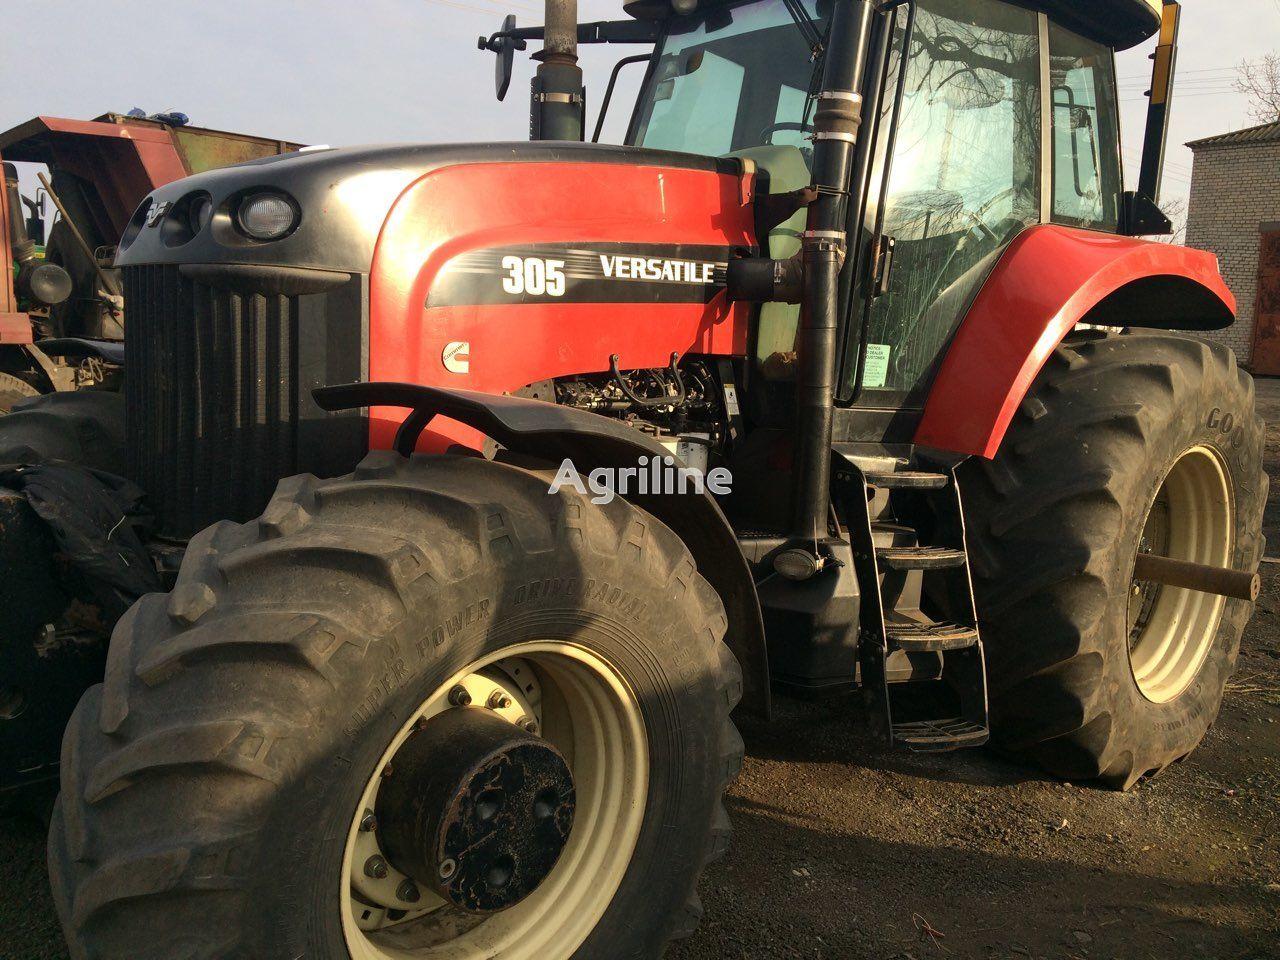 tracteur à roues VERSATILE Buhler 305